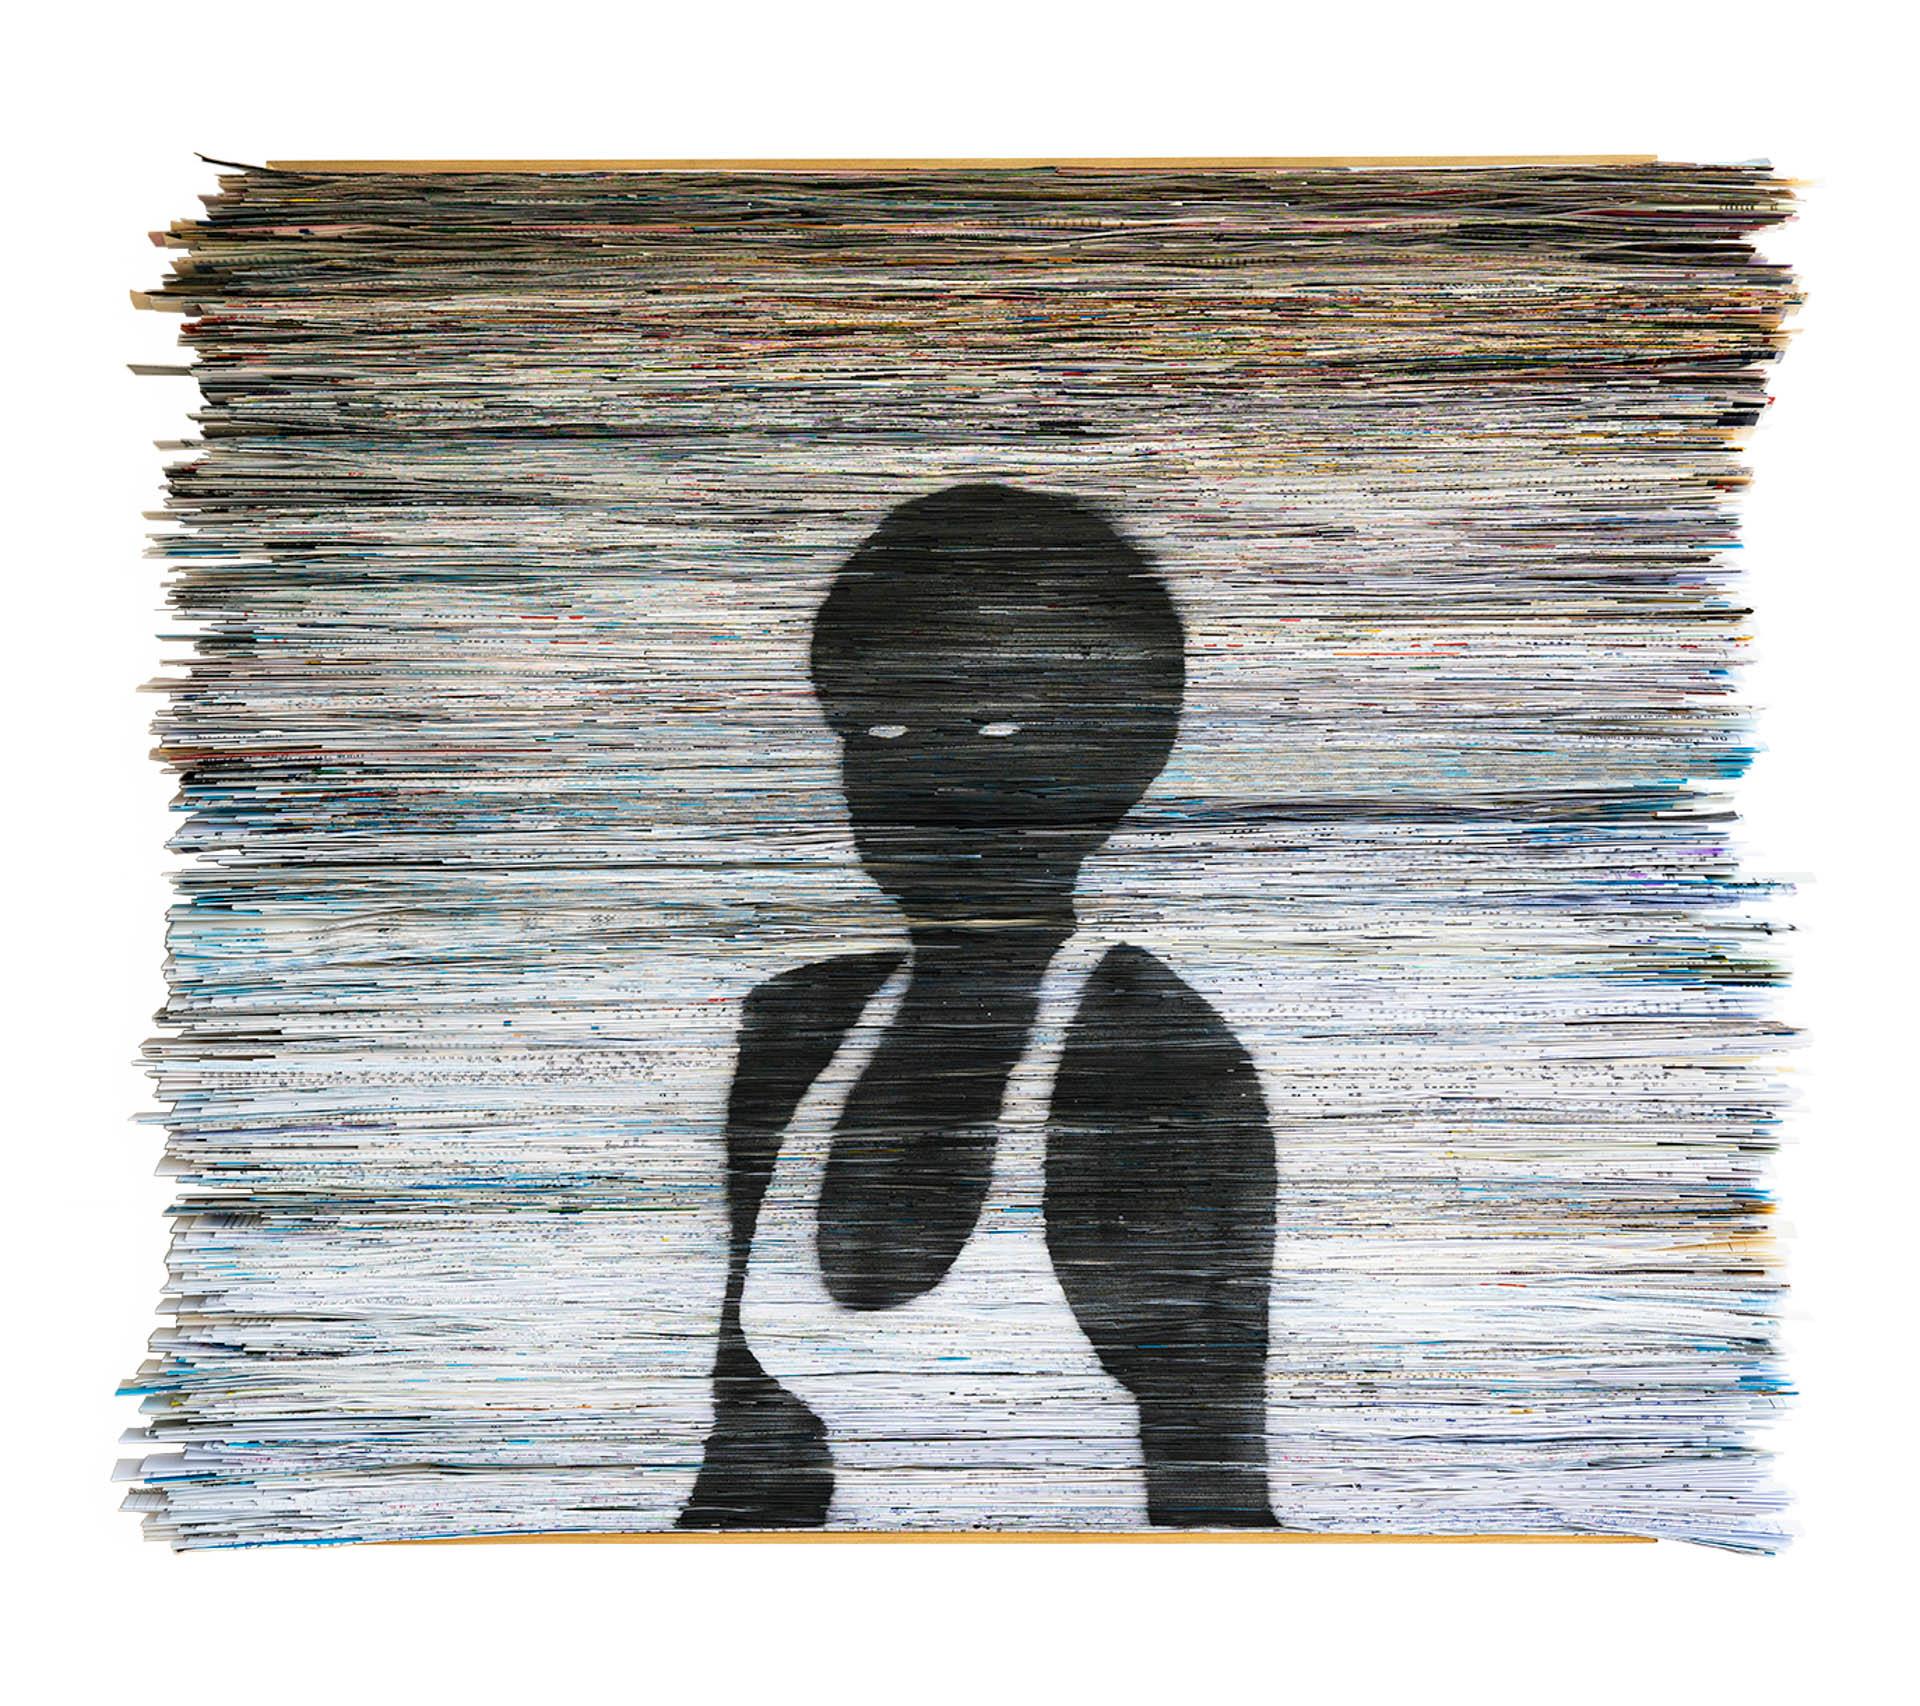 עותק-של-Metaphor-2-2020-folded-papaer-on-plywood_graffiti-90x75x7-cm-8000